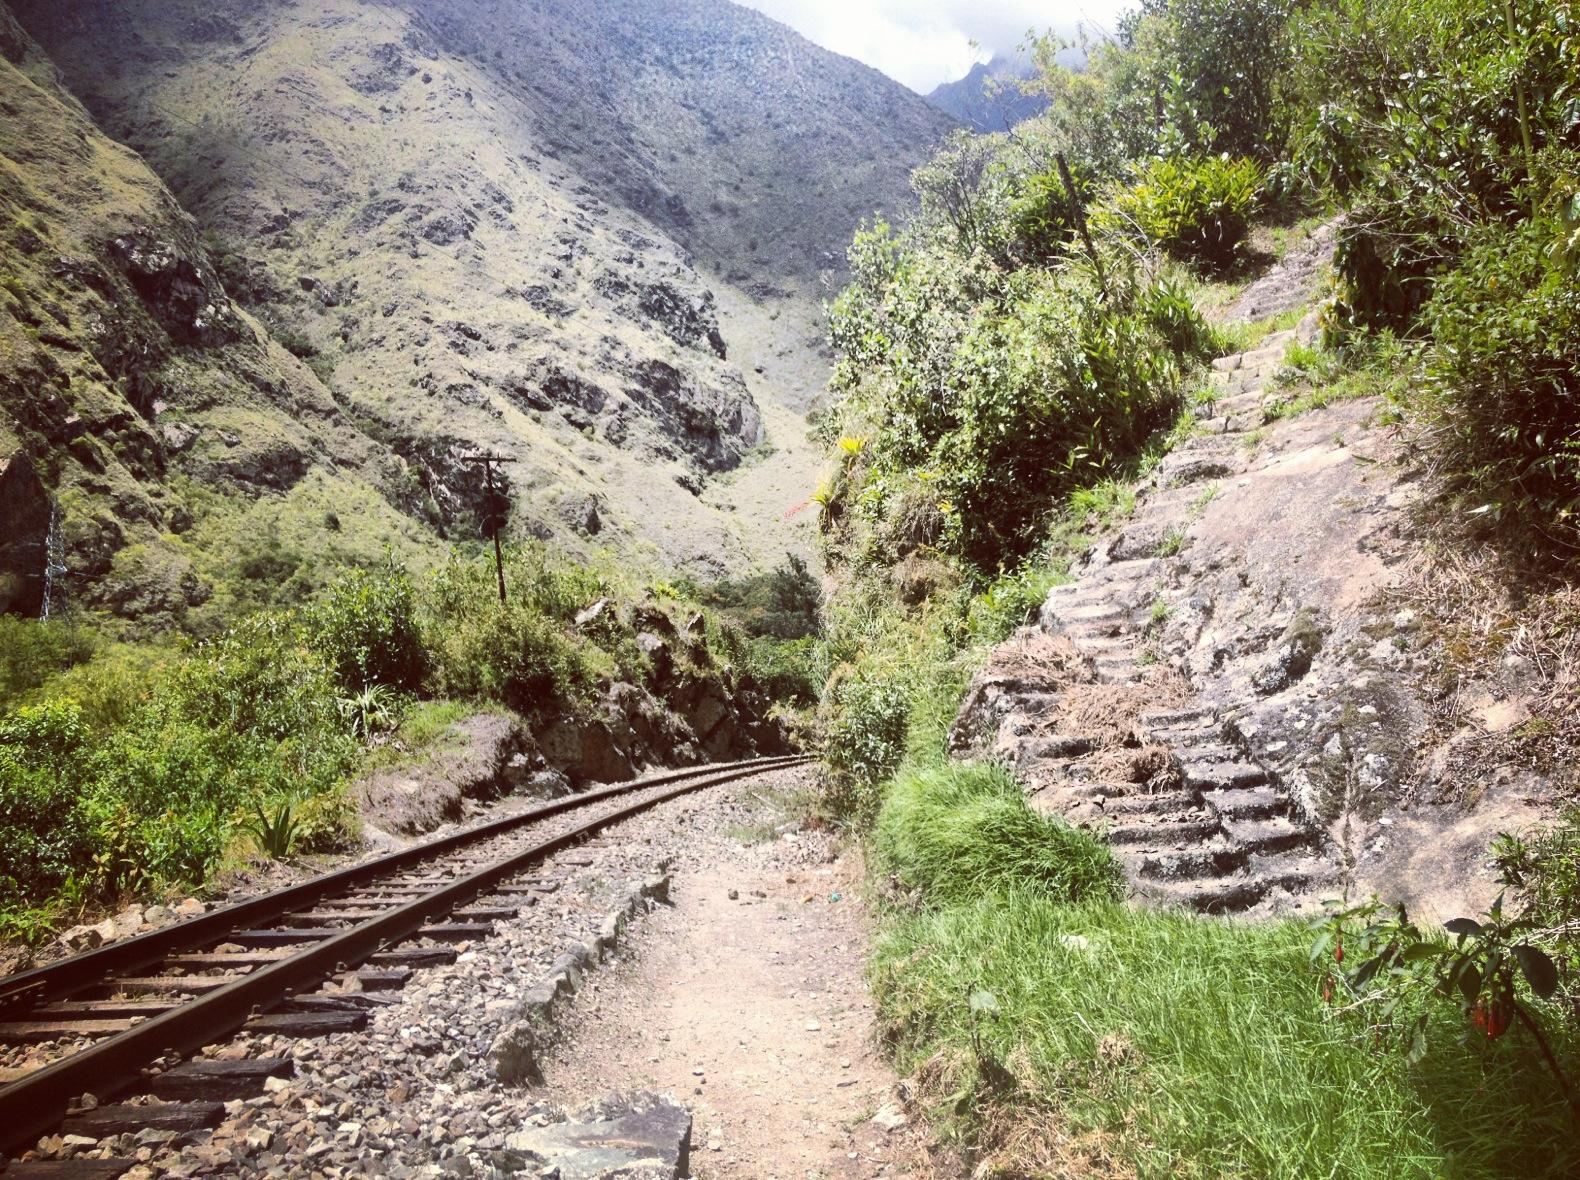 Peru 2013_Camino a Machu Pichu. Sonsoles Lozano.